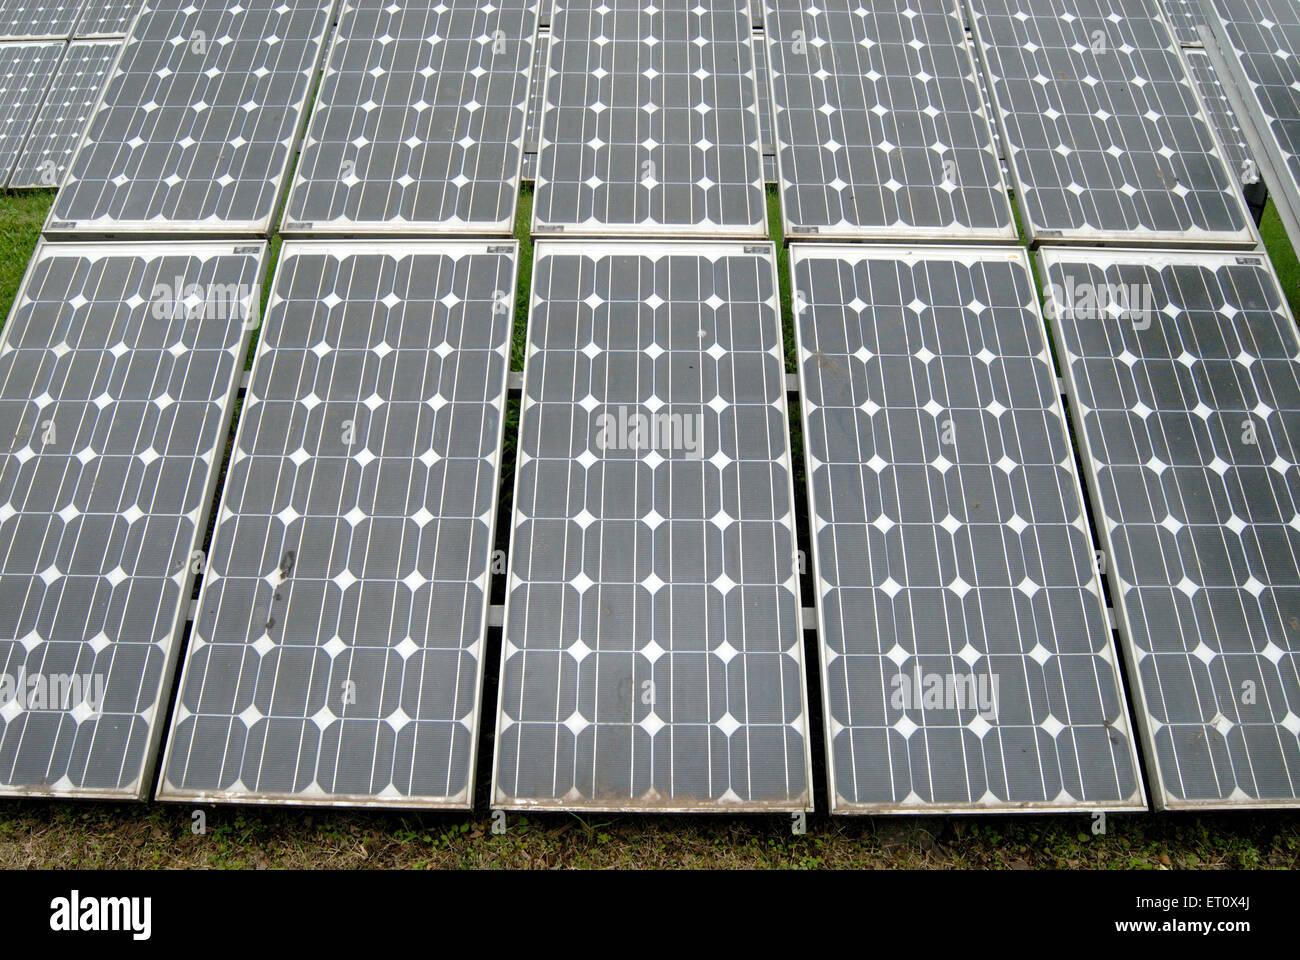 Energía no convencional ; la energía solar ; células fotovoltaicas en Peshawe parque energético Imagen De Stock